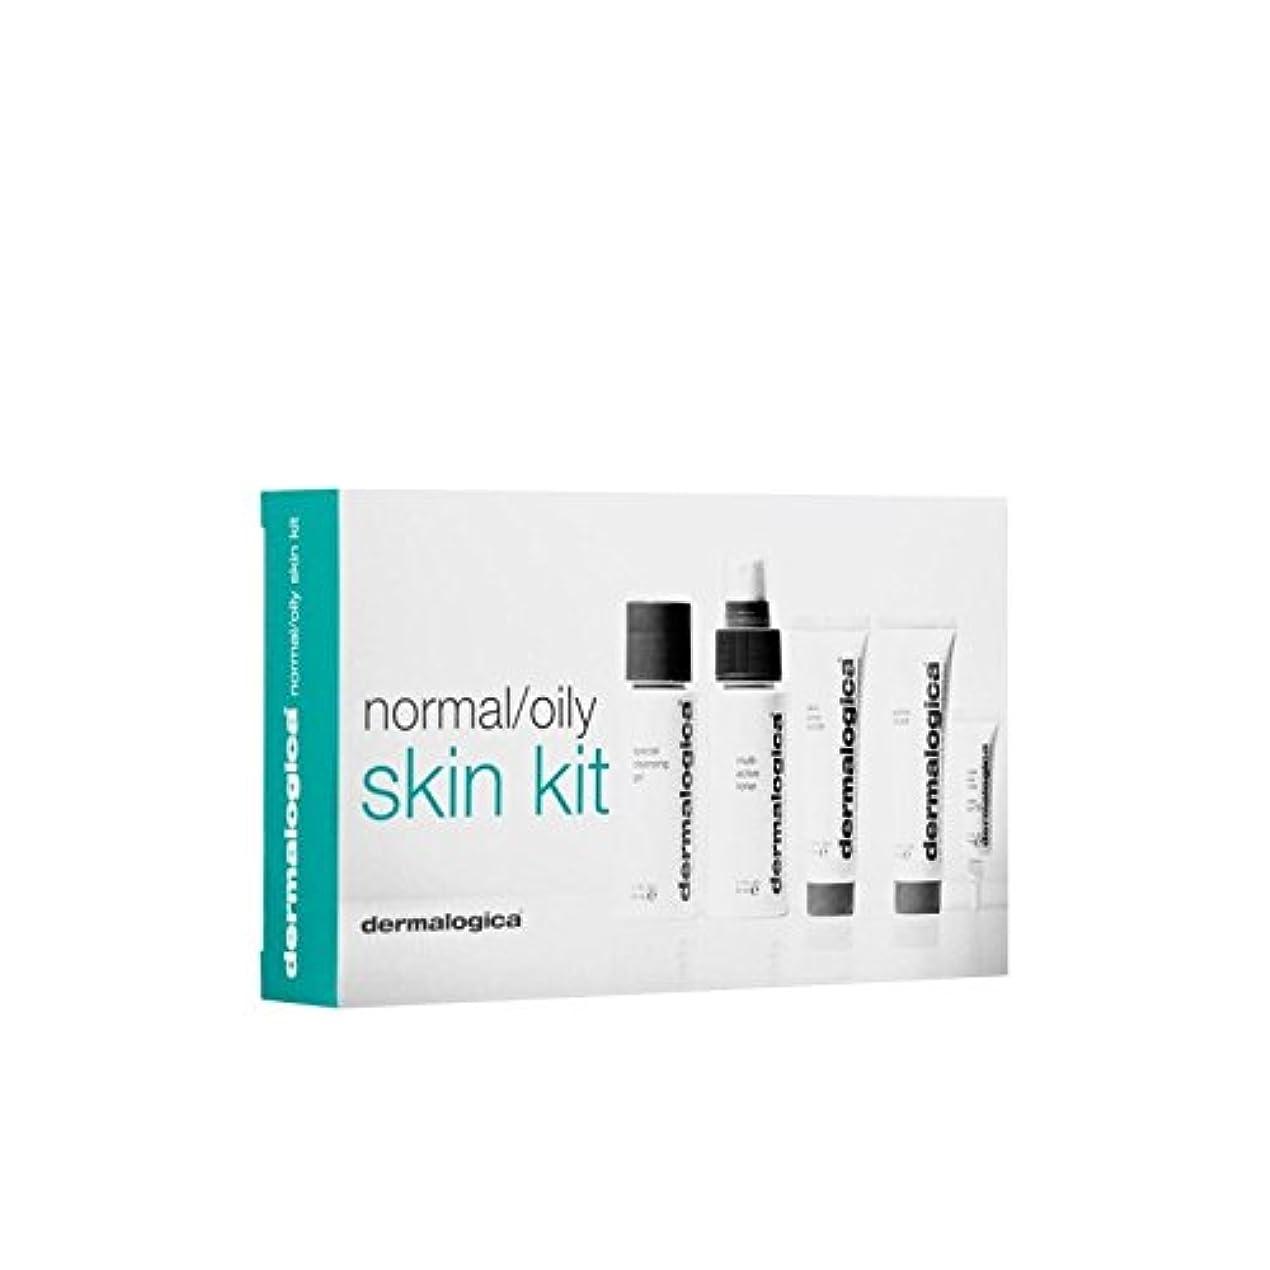 一般的に航空機リゾートダーマロジカスキンキット - ノーマル/オイリー(5製品) x4 - Dermalogica Skin Kit - Normal/Oily (5 Products) (Pack of 4) [並行輸入品]